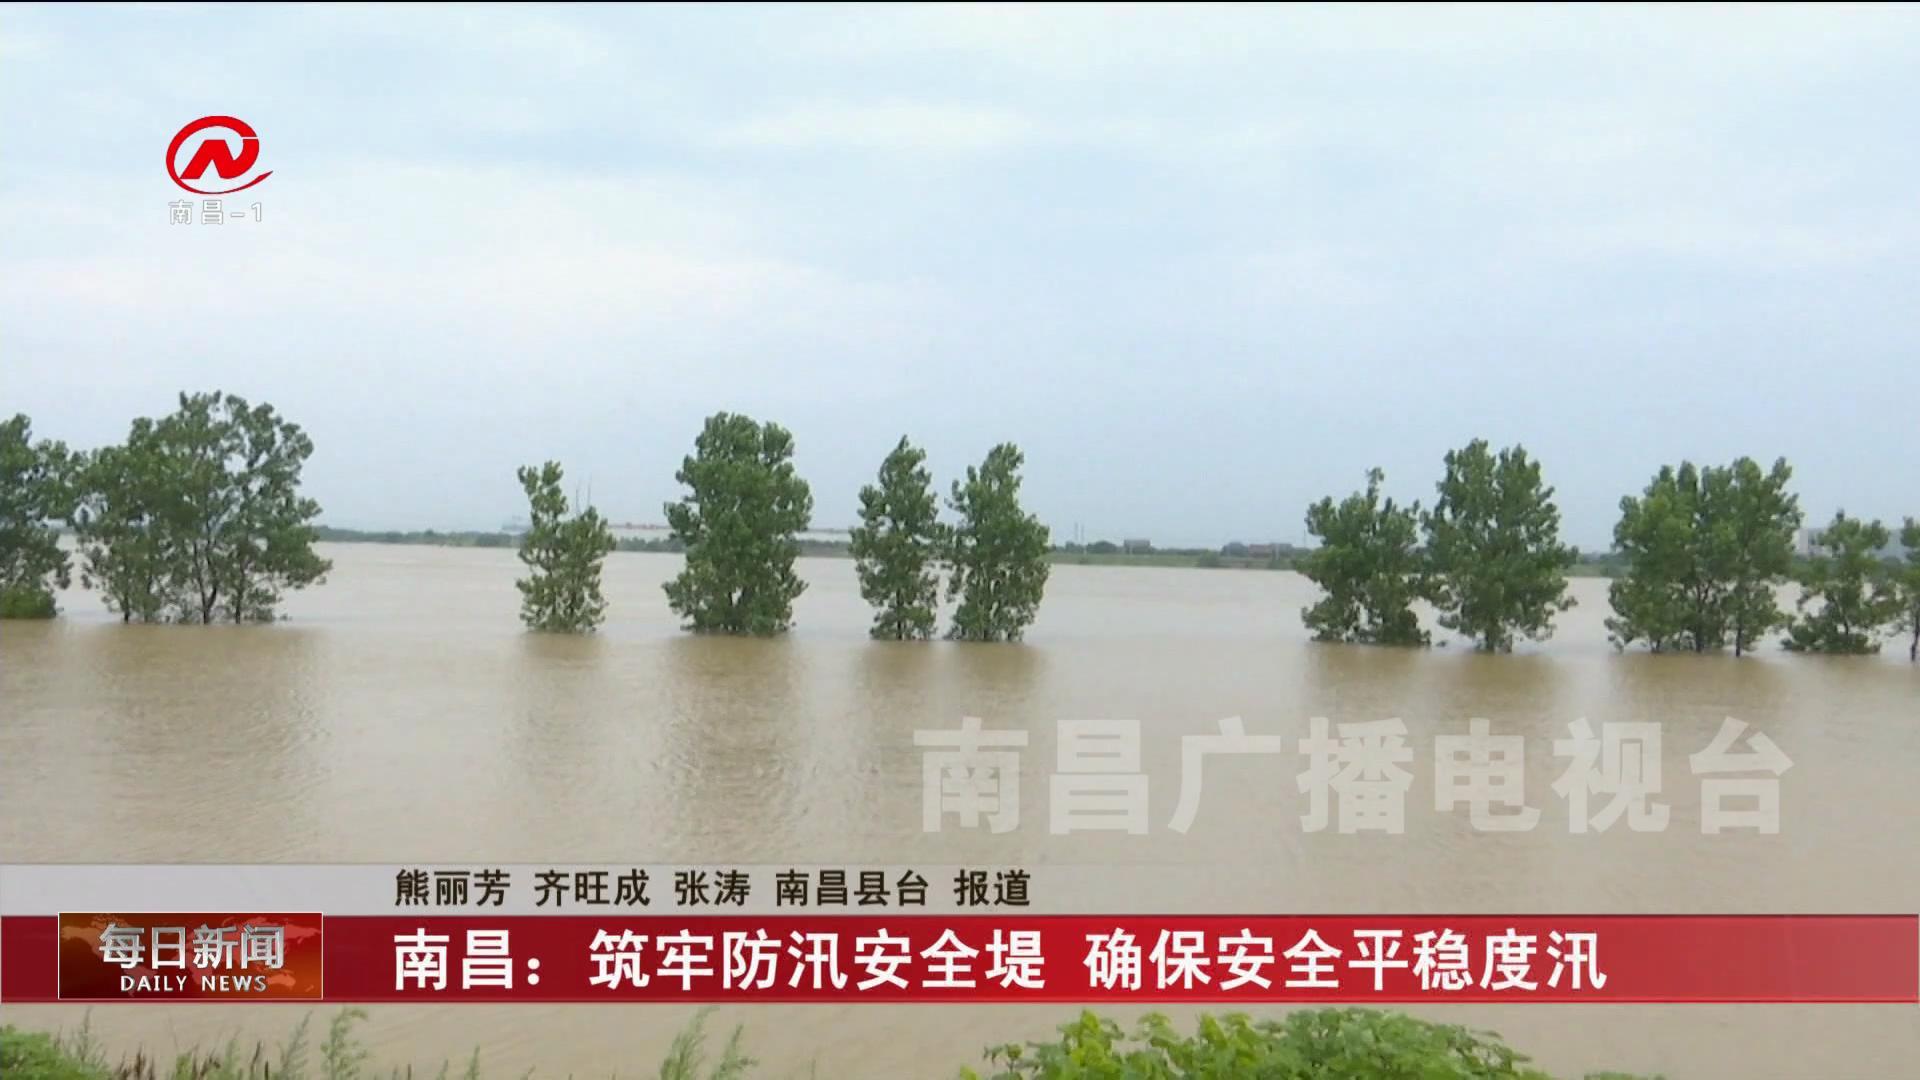 南昌:筑牢防汛安全堤  確保安全平穩度汛